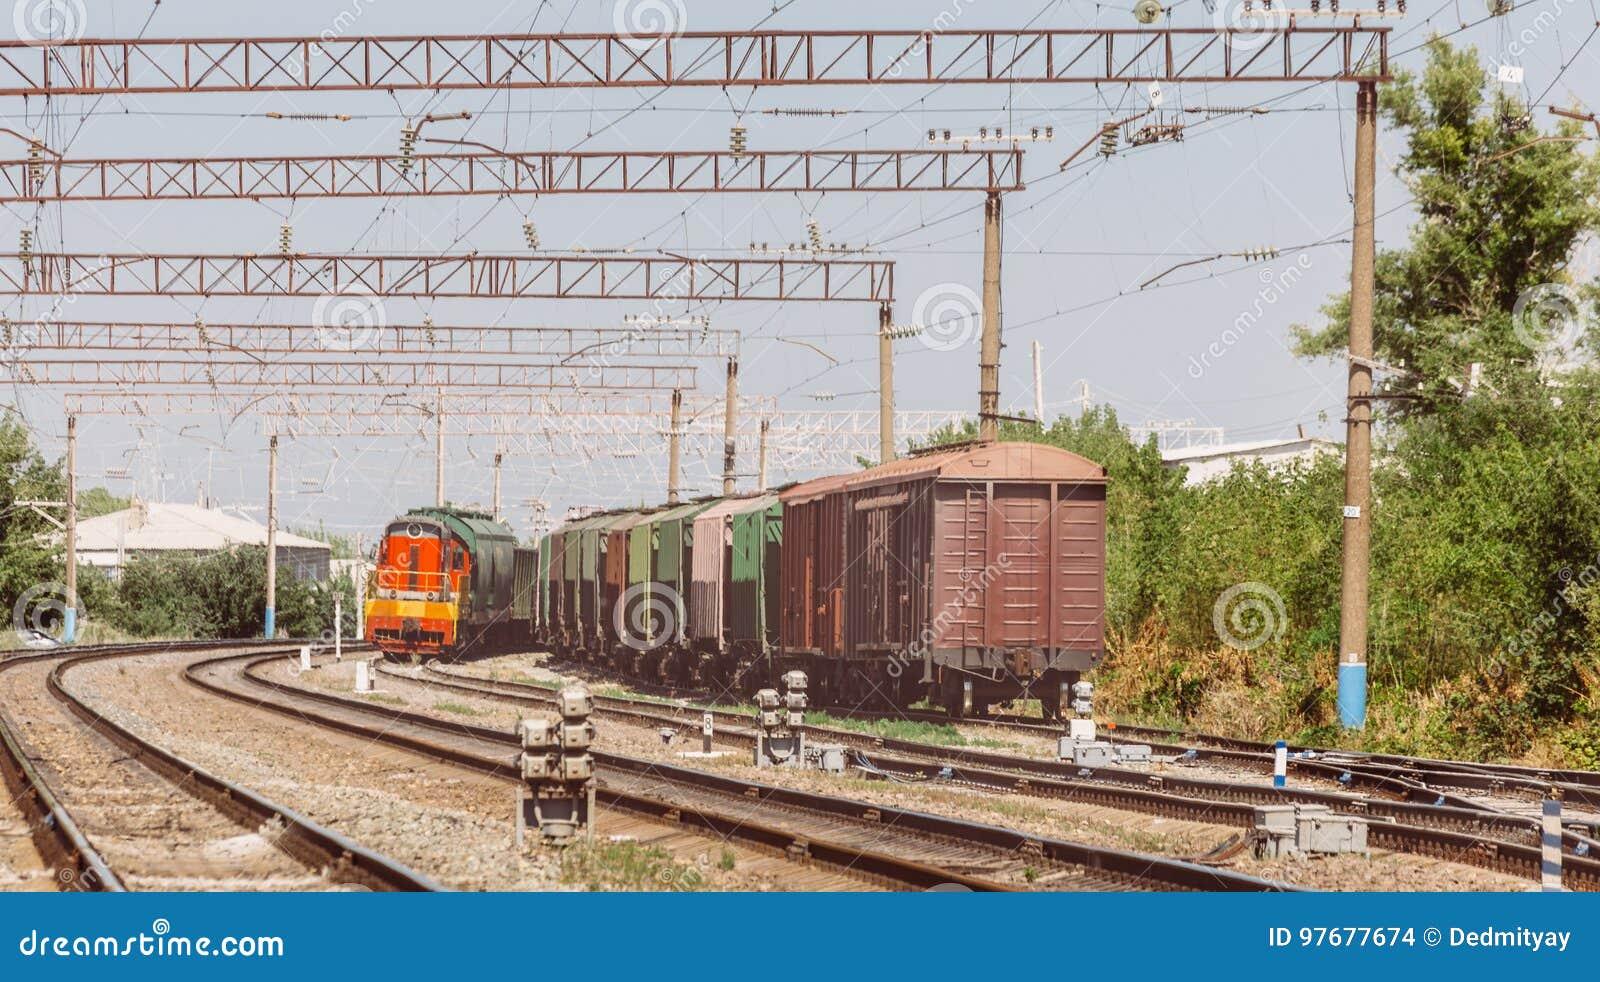 铁路和货车,商业运输概念